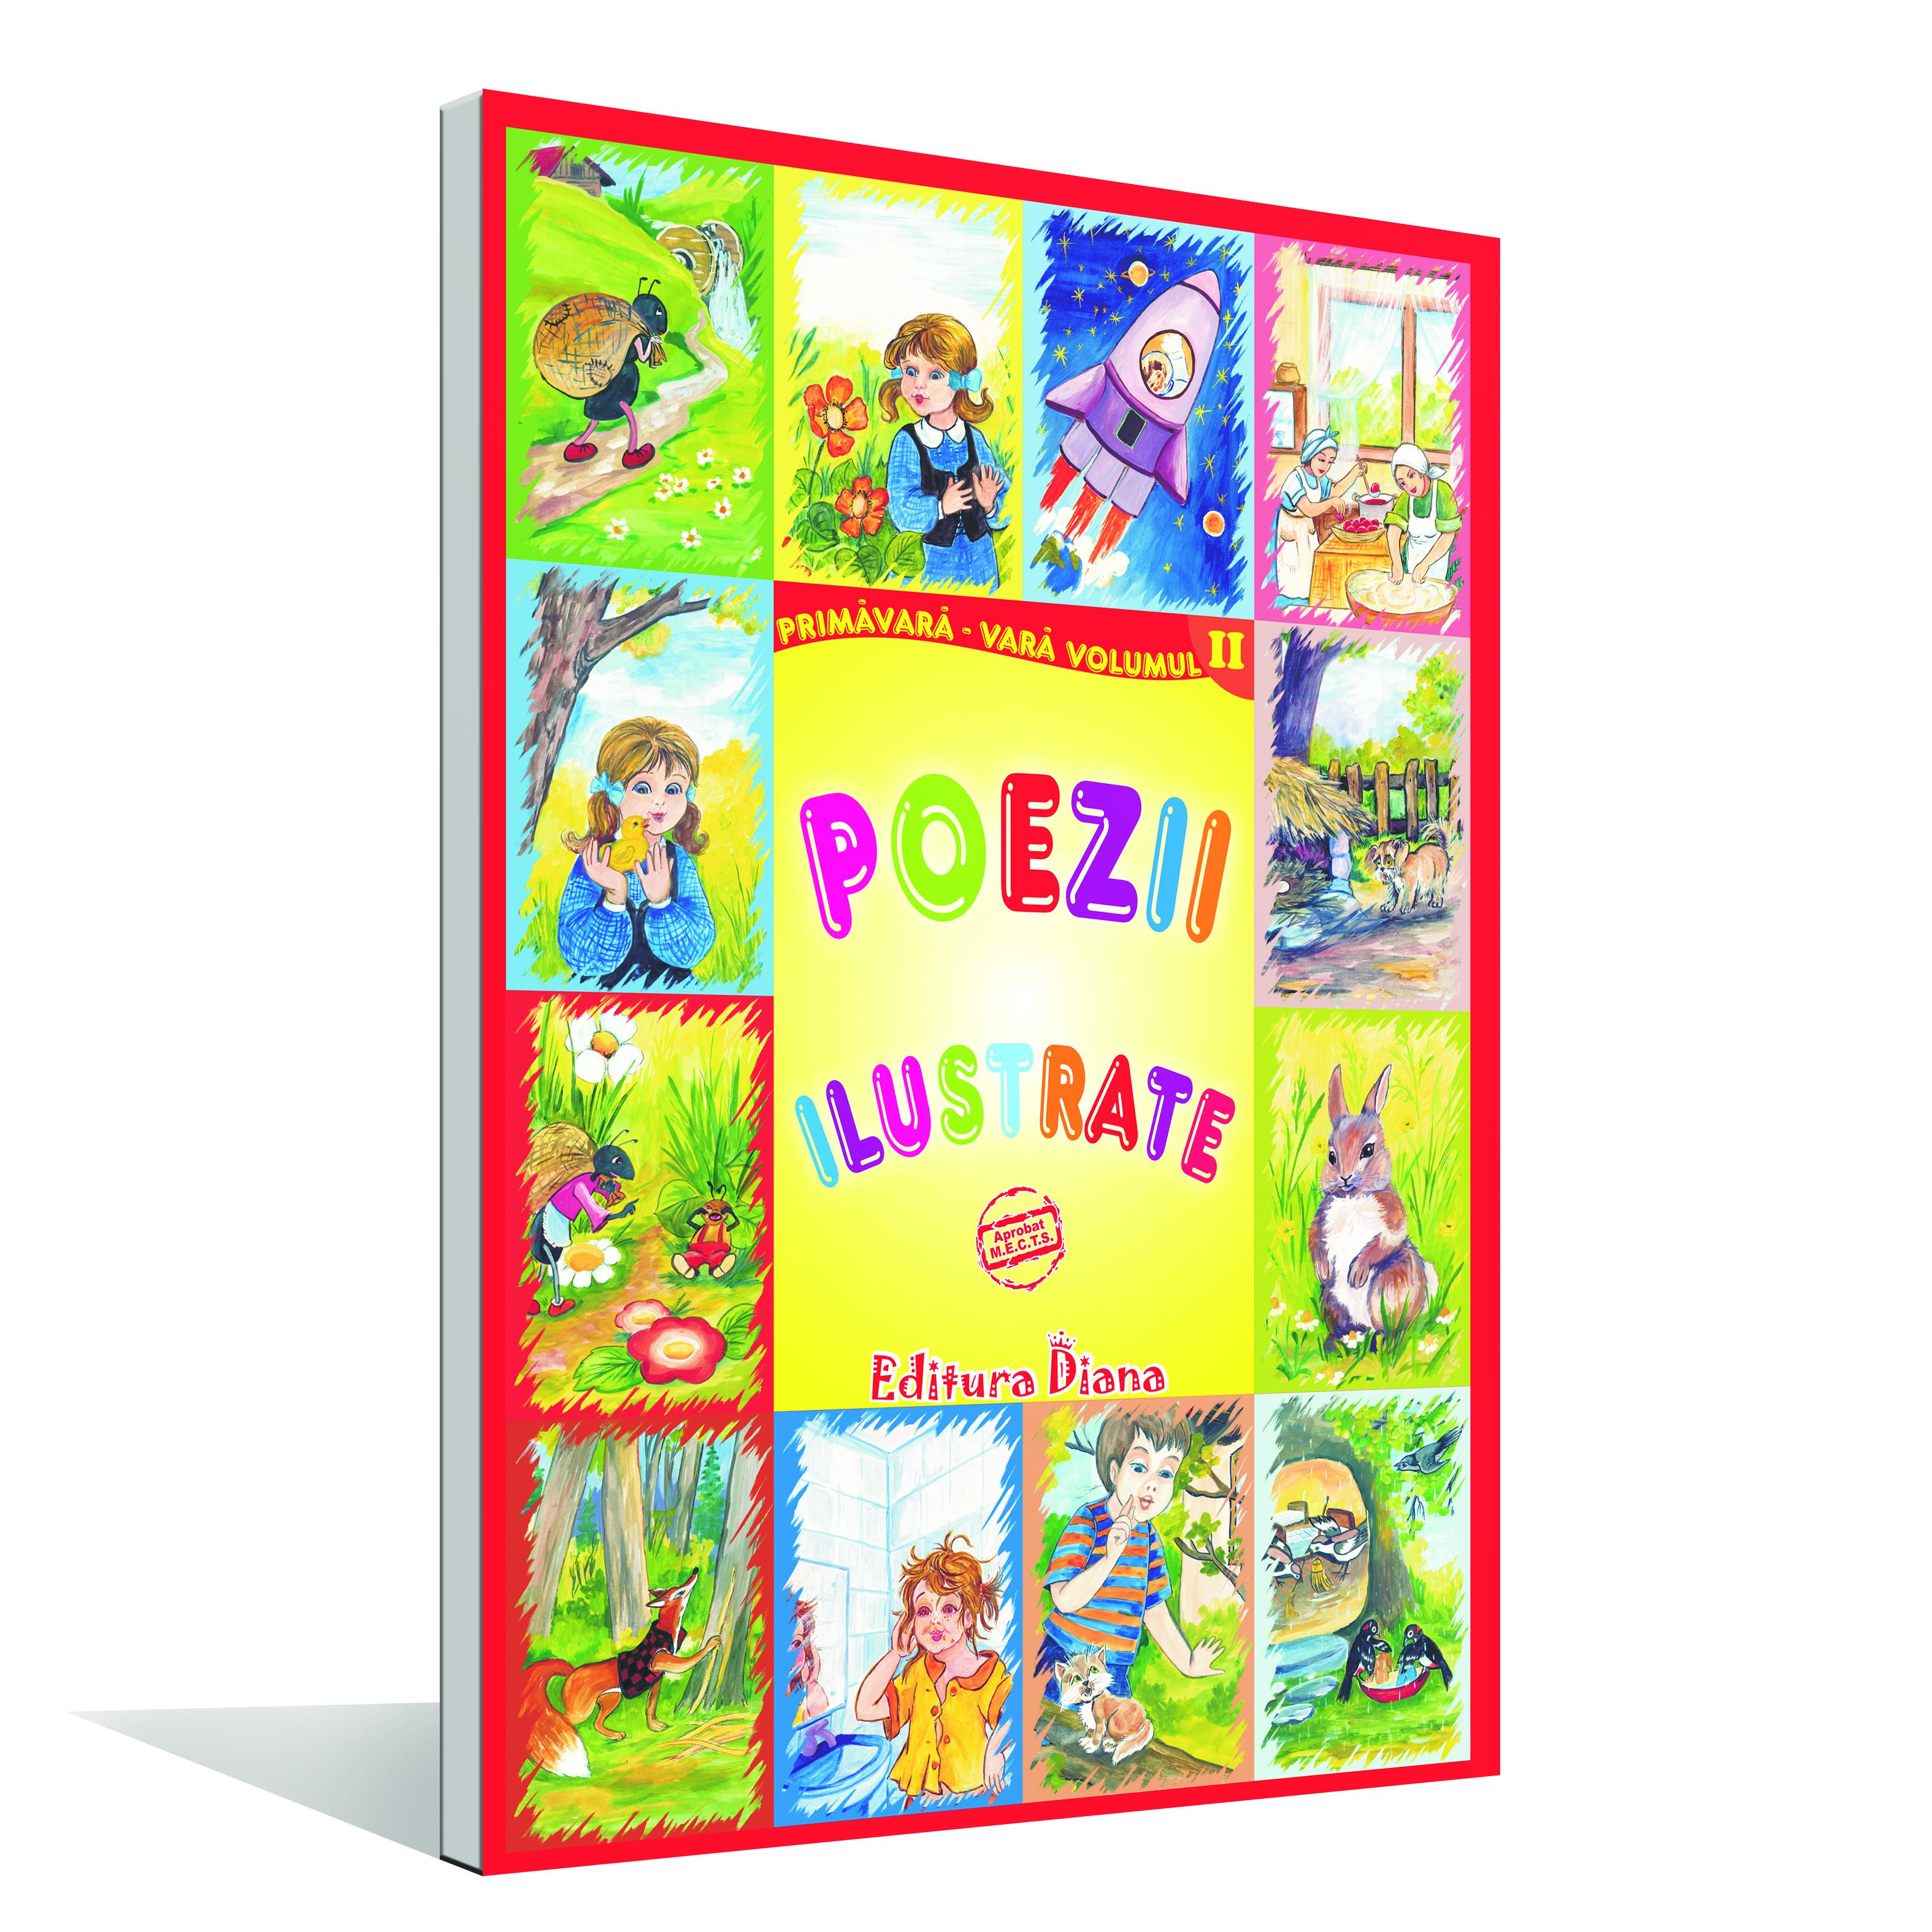 Set planșe poezii ilustrate primăvară - vară A4 Vol. II imagine edituradiana.ro